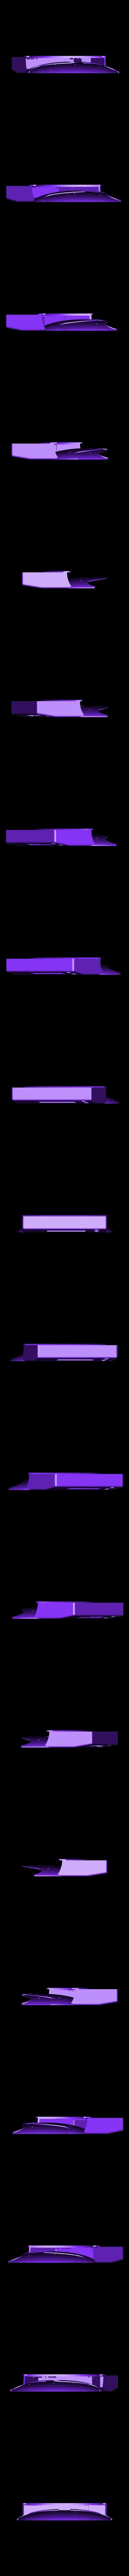 cover.stl Télécharger fichier OBJ gratuit Conception d'une échelle de cuisine • Design à imprimer en 3D, kakiemon